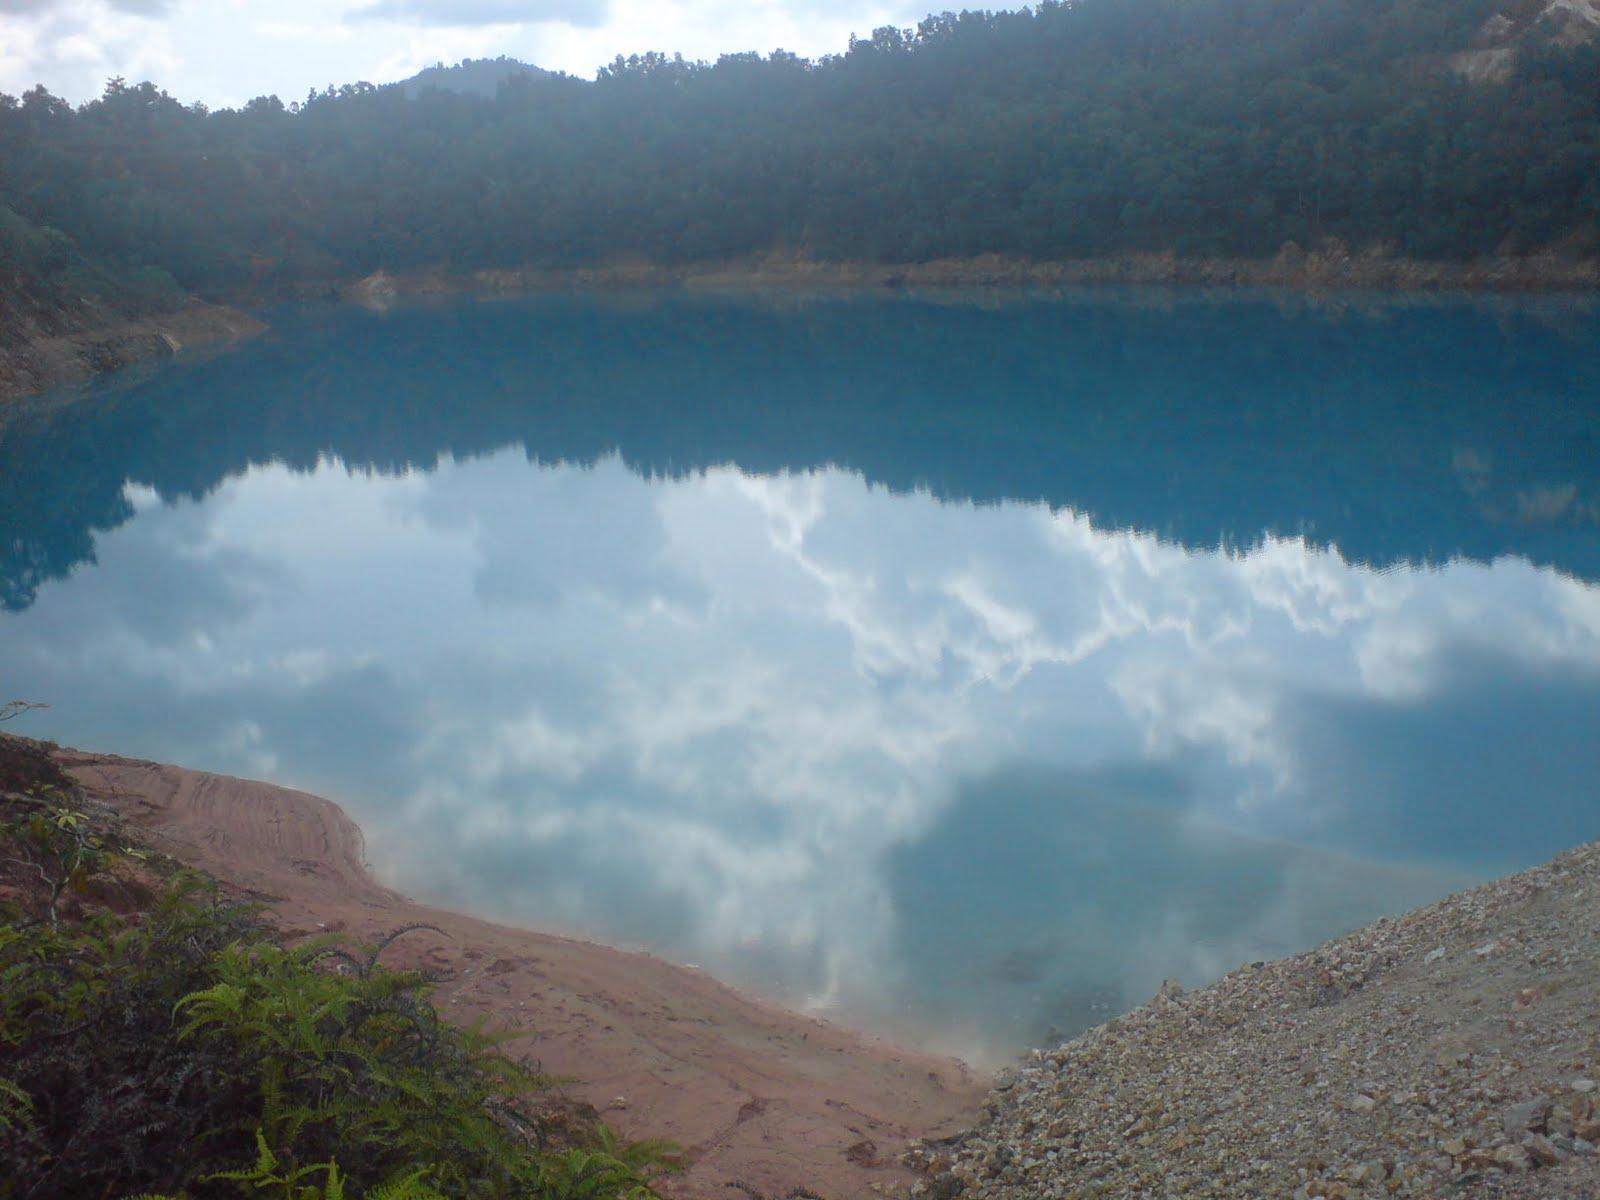 Tasik Biru Bukit Ibam